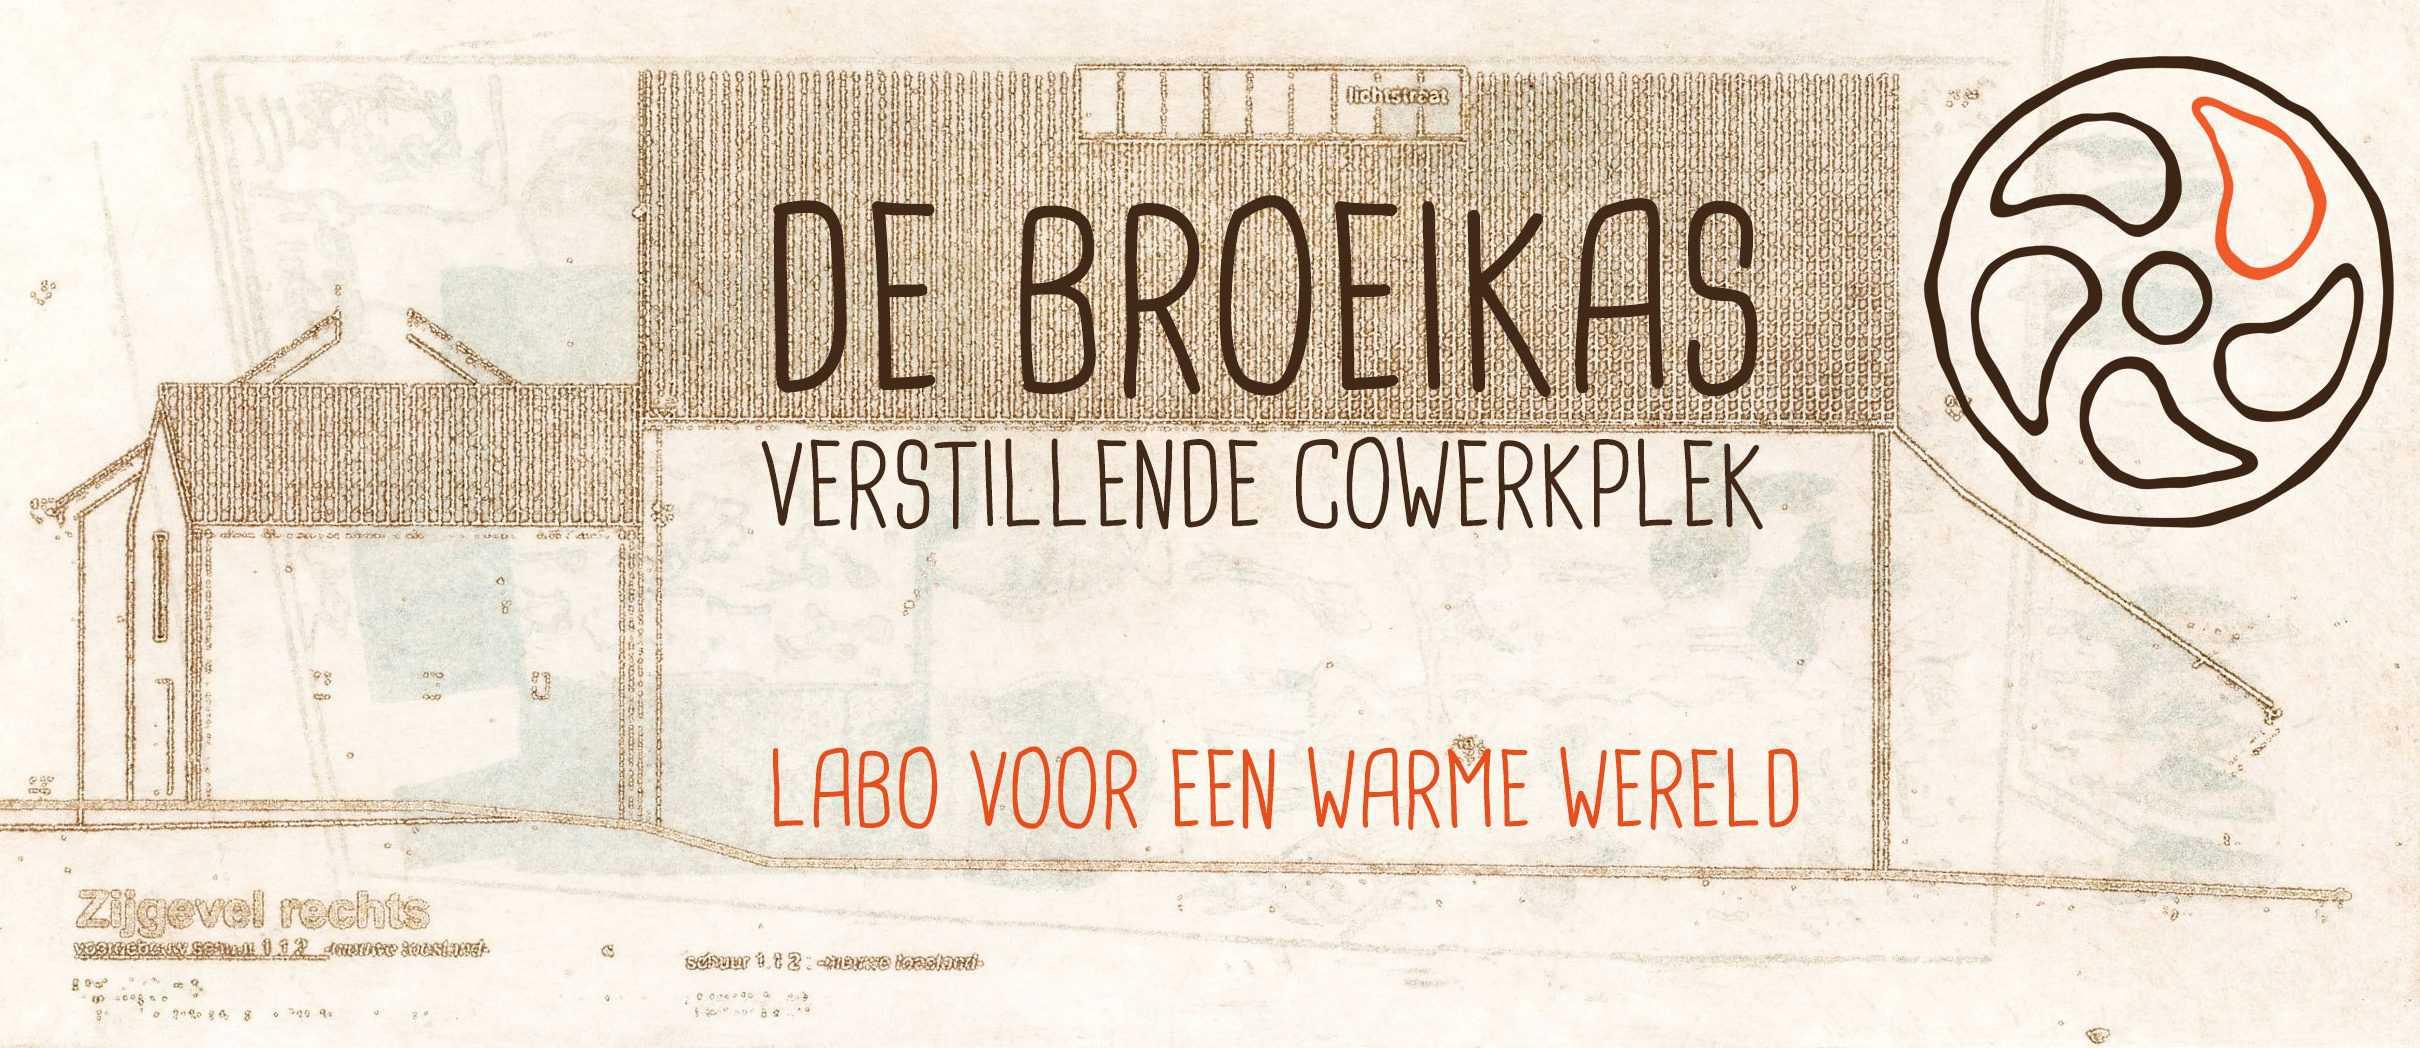 De Broeikas